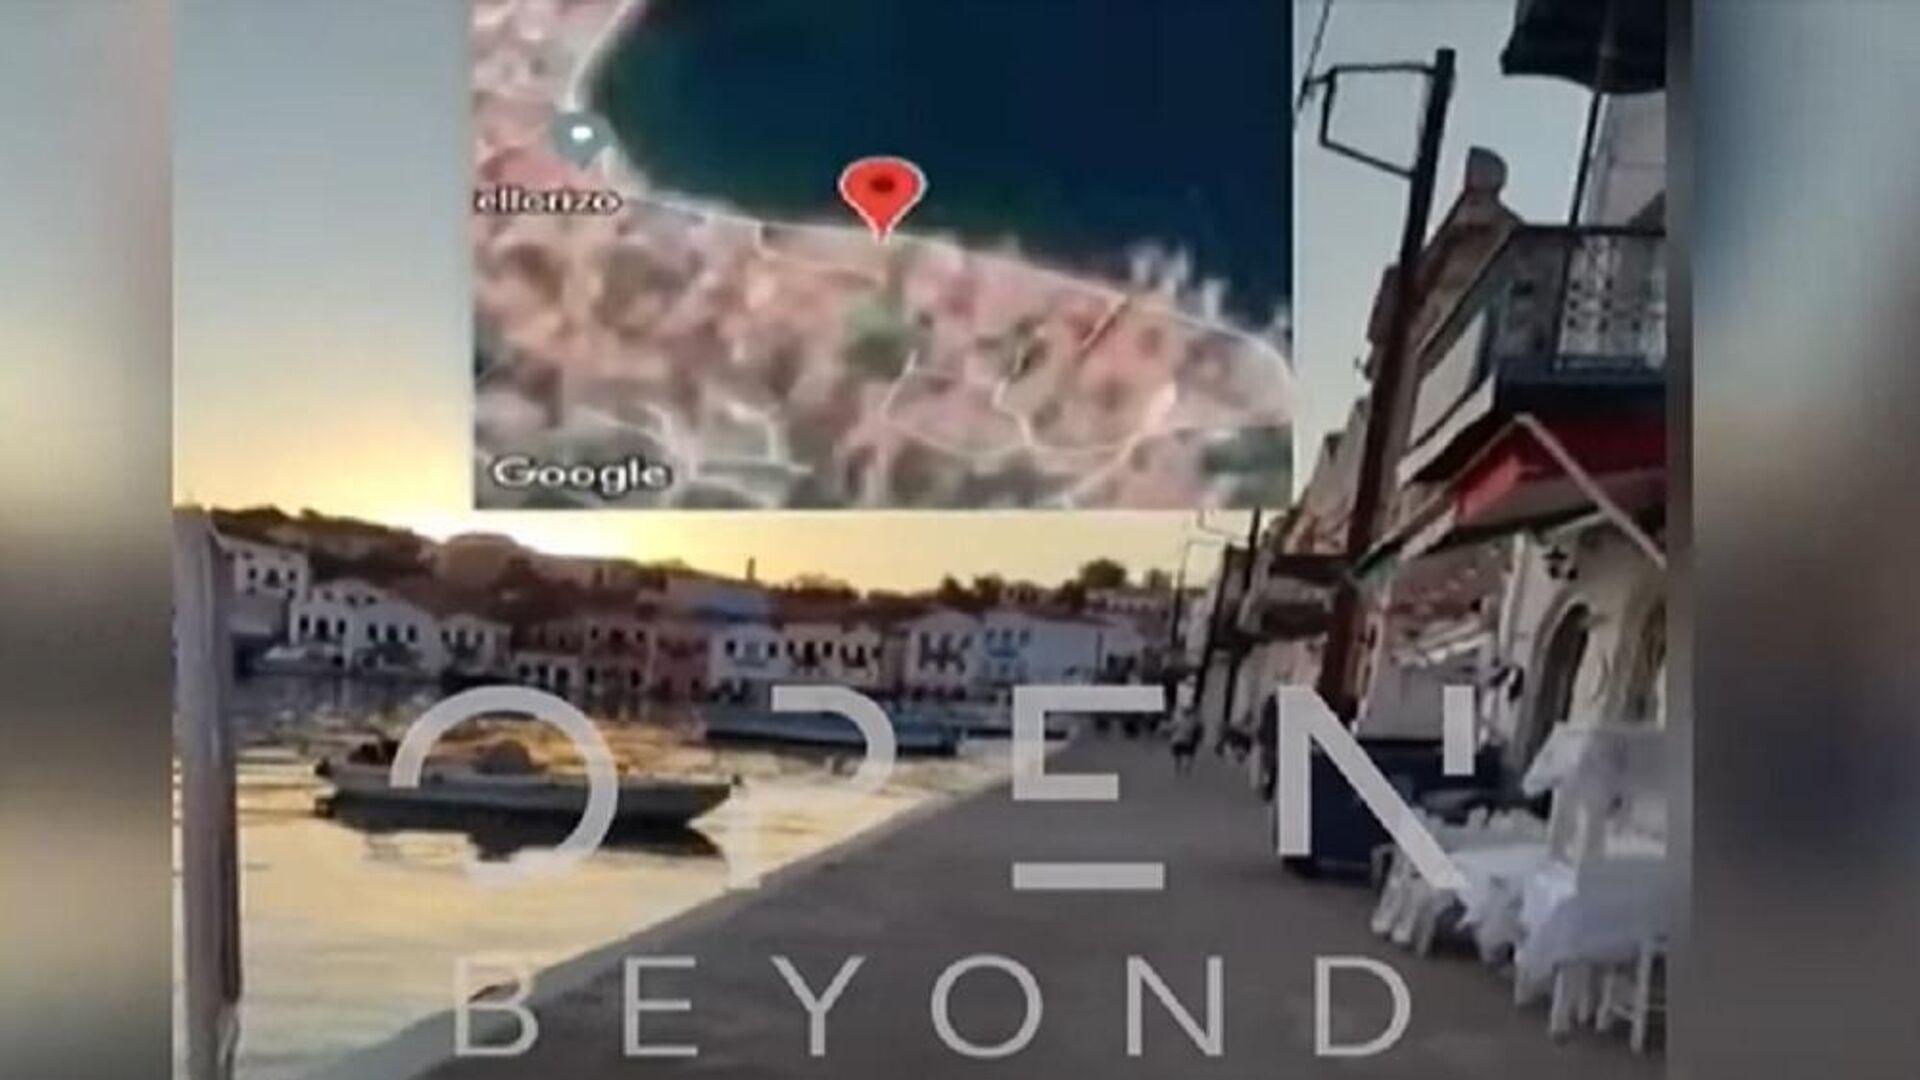 Το βίντεο που τράβηξε ο Τούρκος που κολύμπησε μέχρι το Καστελλόριζο - Sputnik Ελλάδα, 1920, 28.09.2021